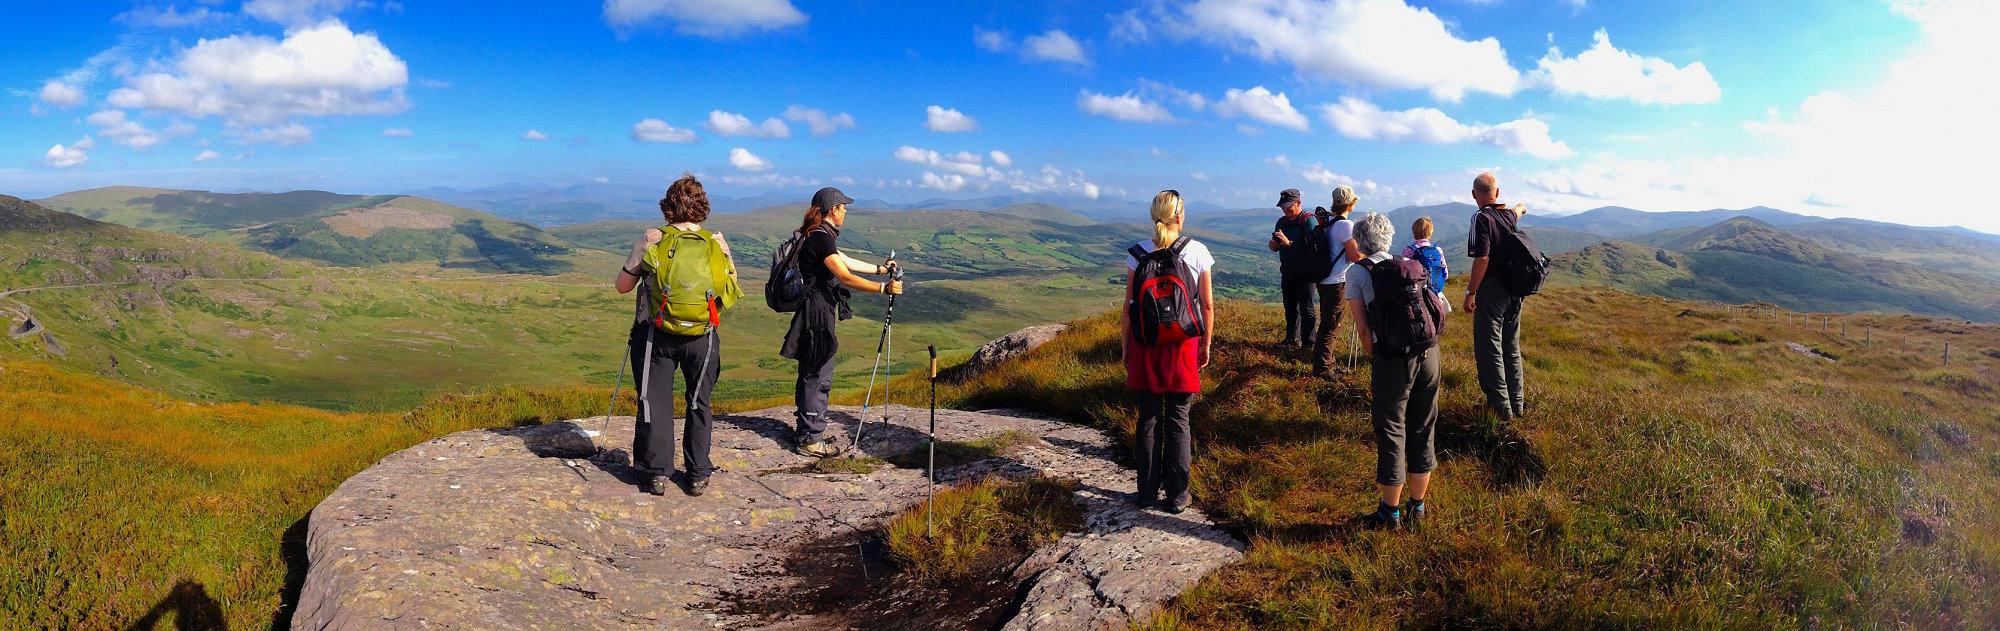 Wanderlust Irland Wandern Panorama